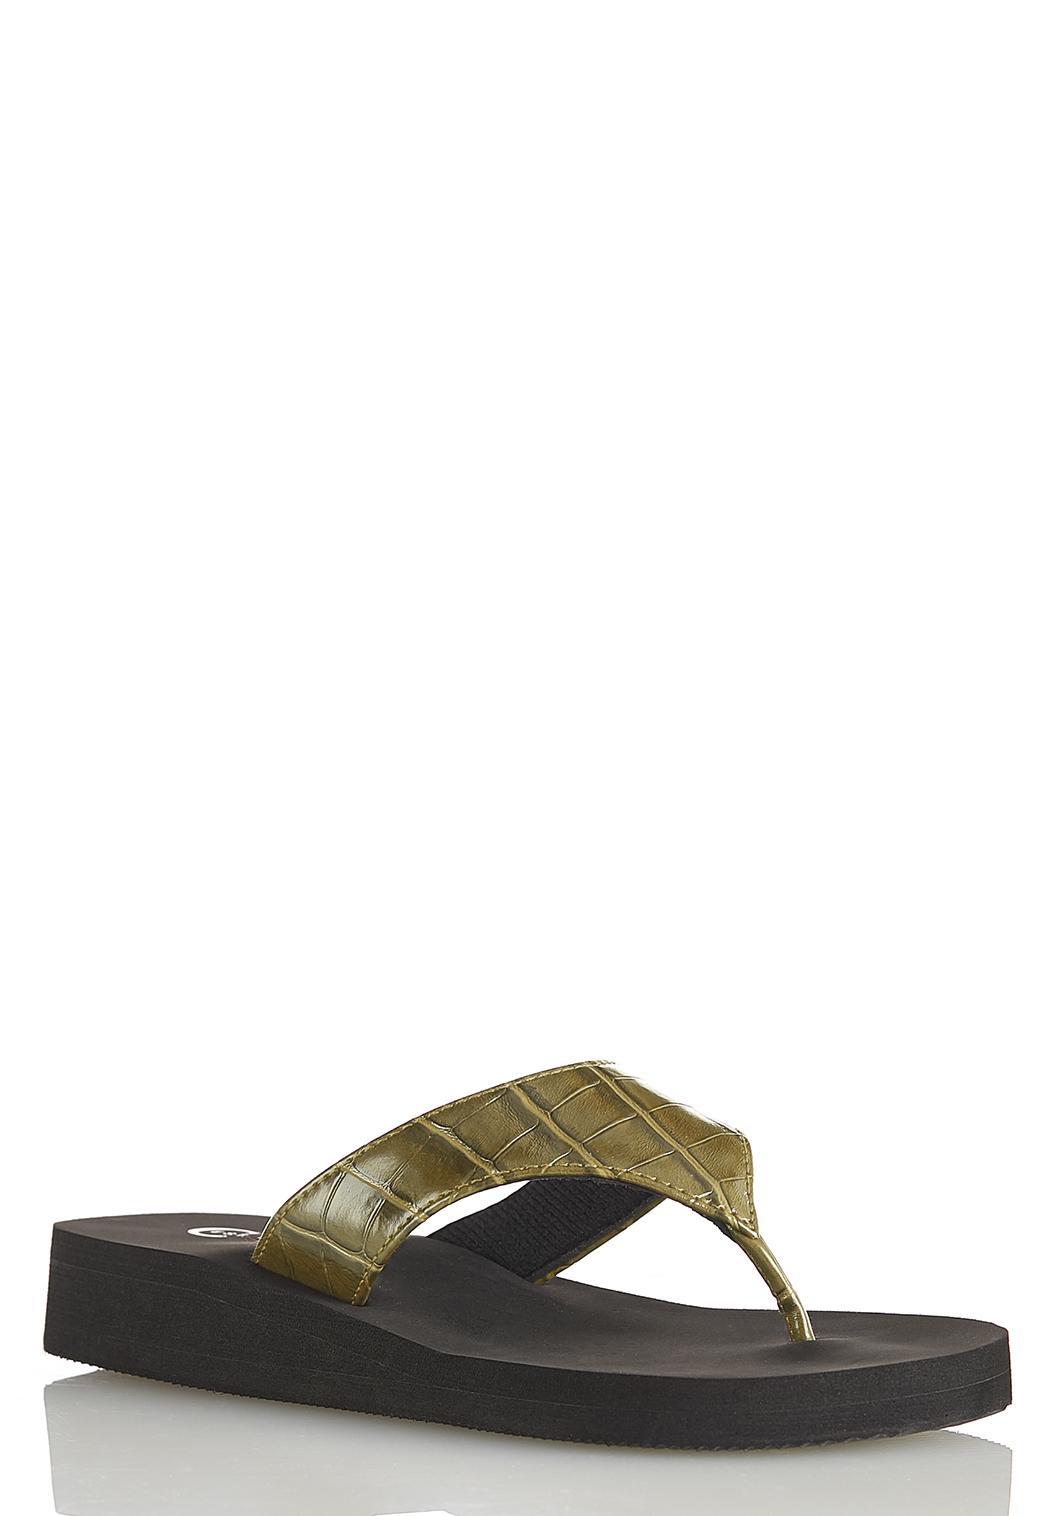 Croc Platform Flip Flops